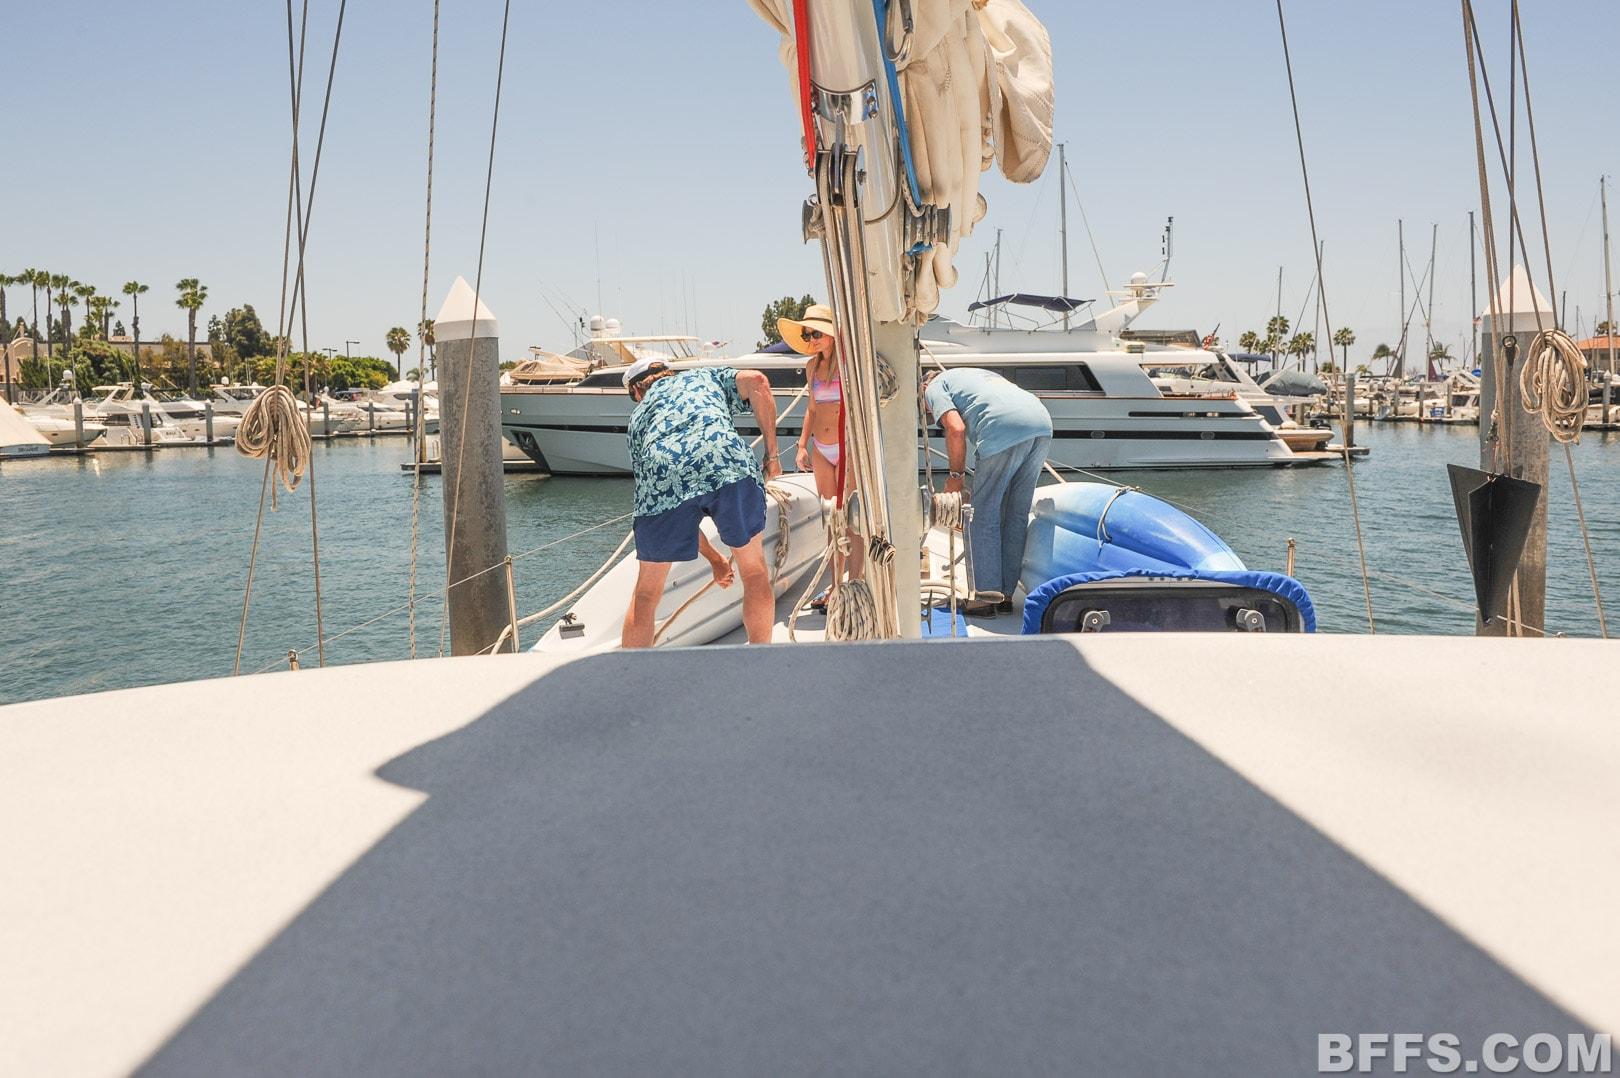 Team Skeet 'Moby Dicked' starring Vienna Rose (Photo 1)